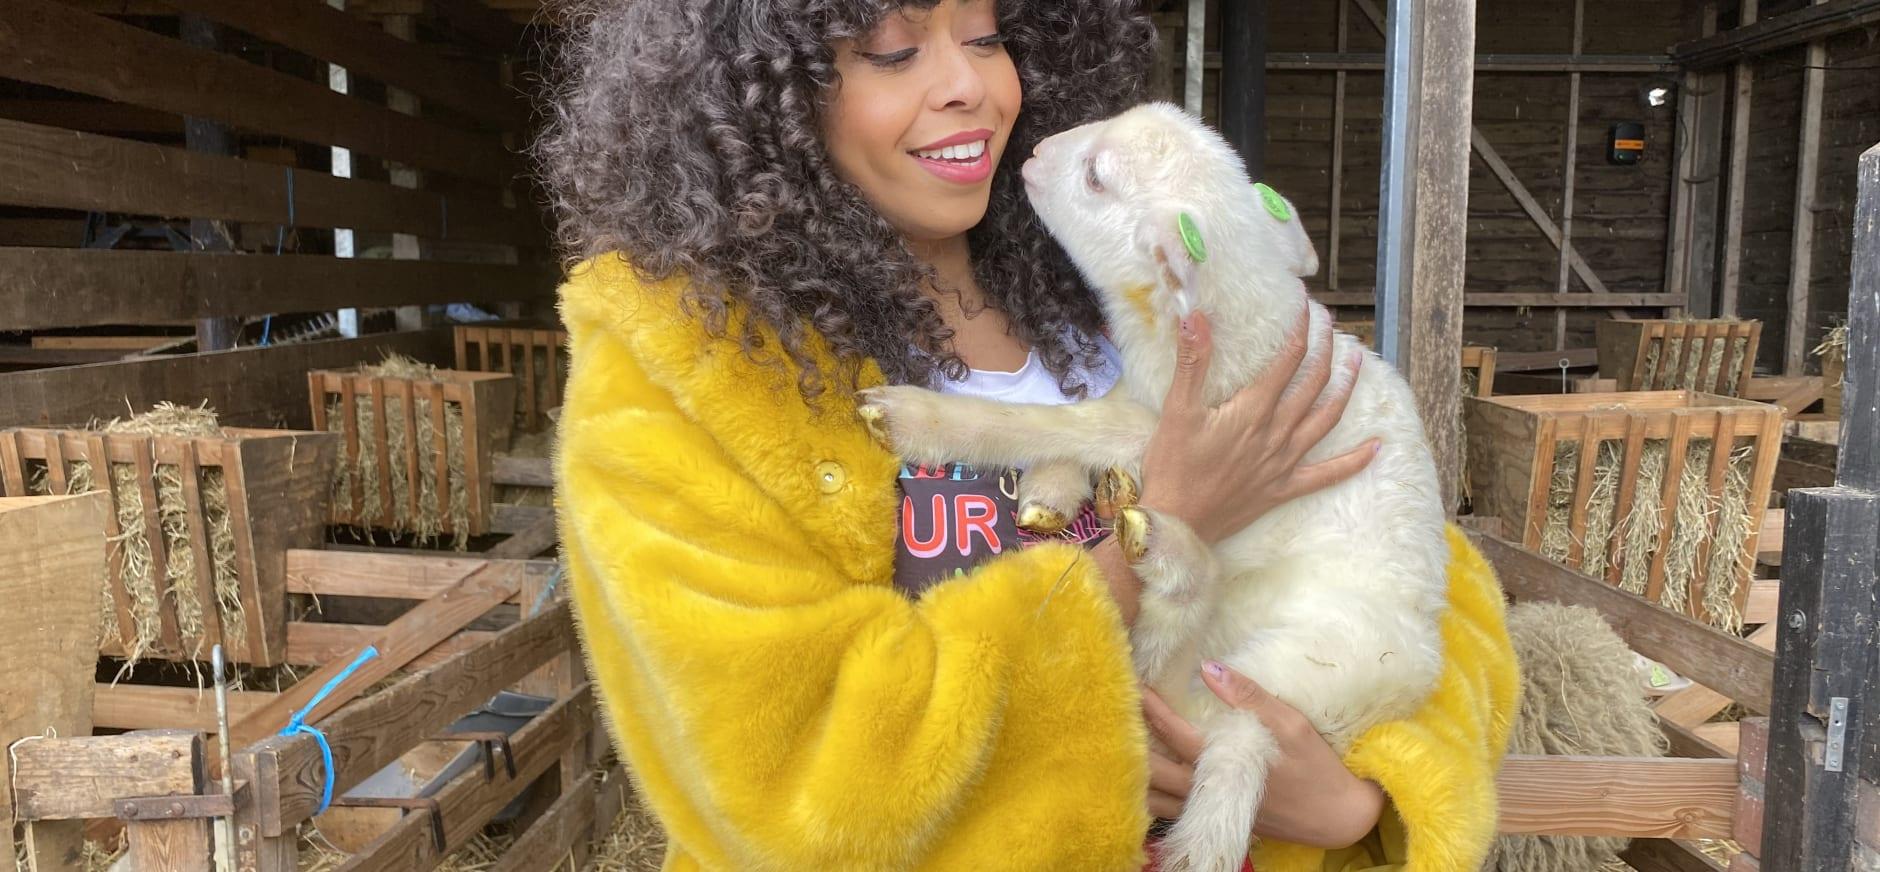 Fenna Ramos adopteert lam